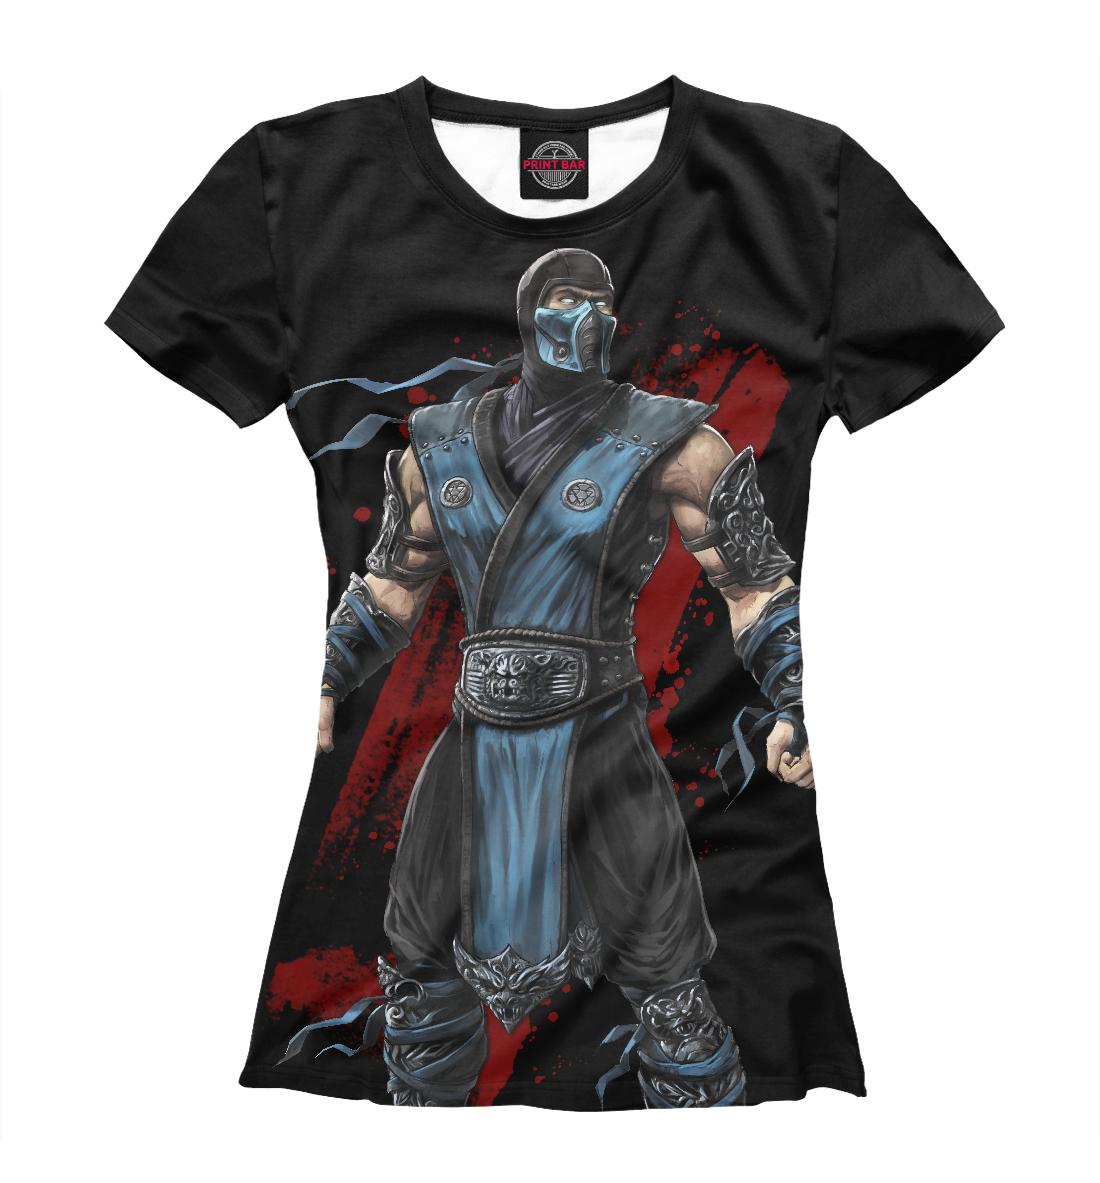 Купить Mortal Kombat: Sub-Zero, Printbar, Футболки, MKB-624401-fut-1